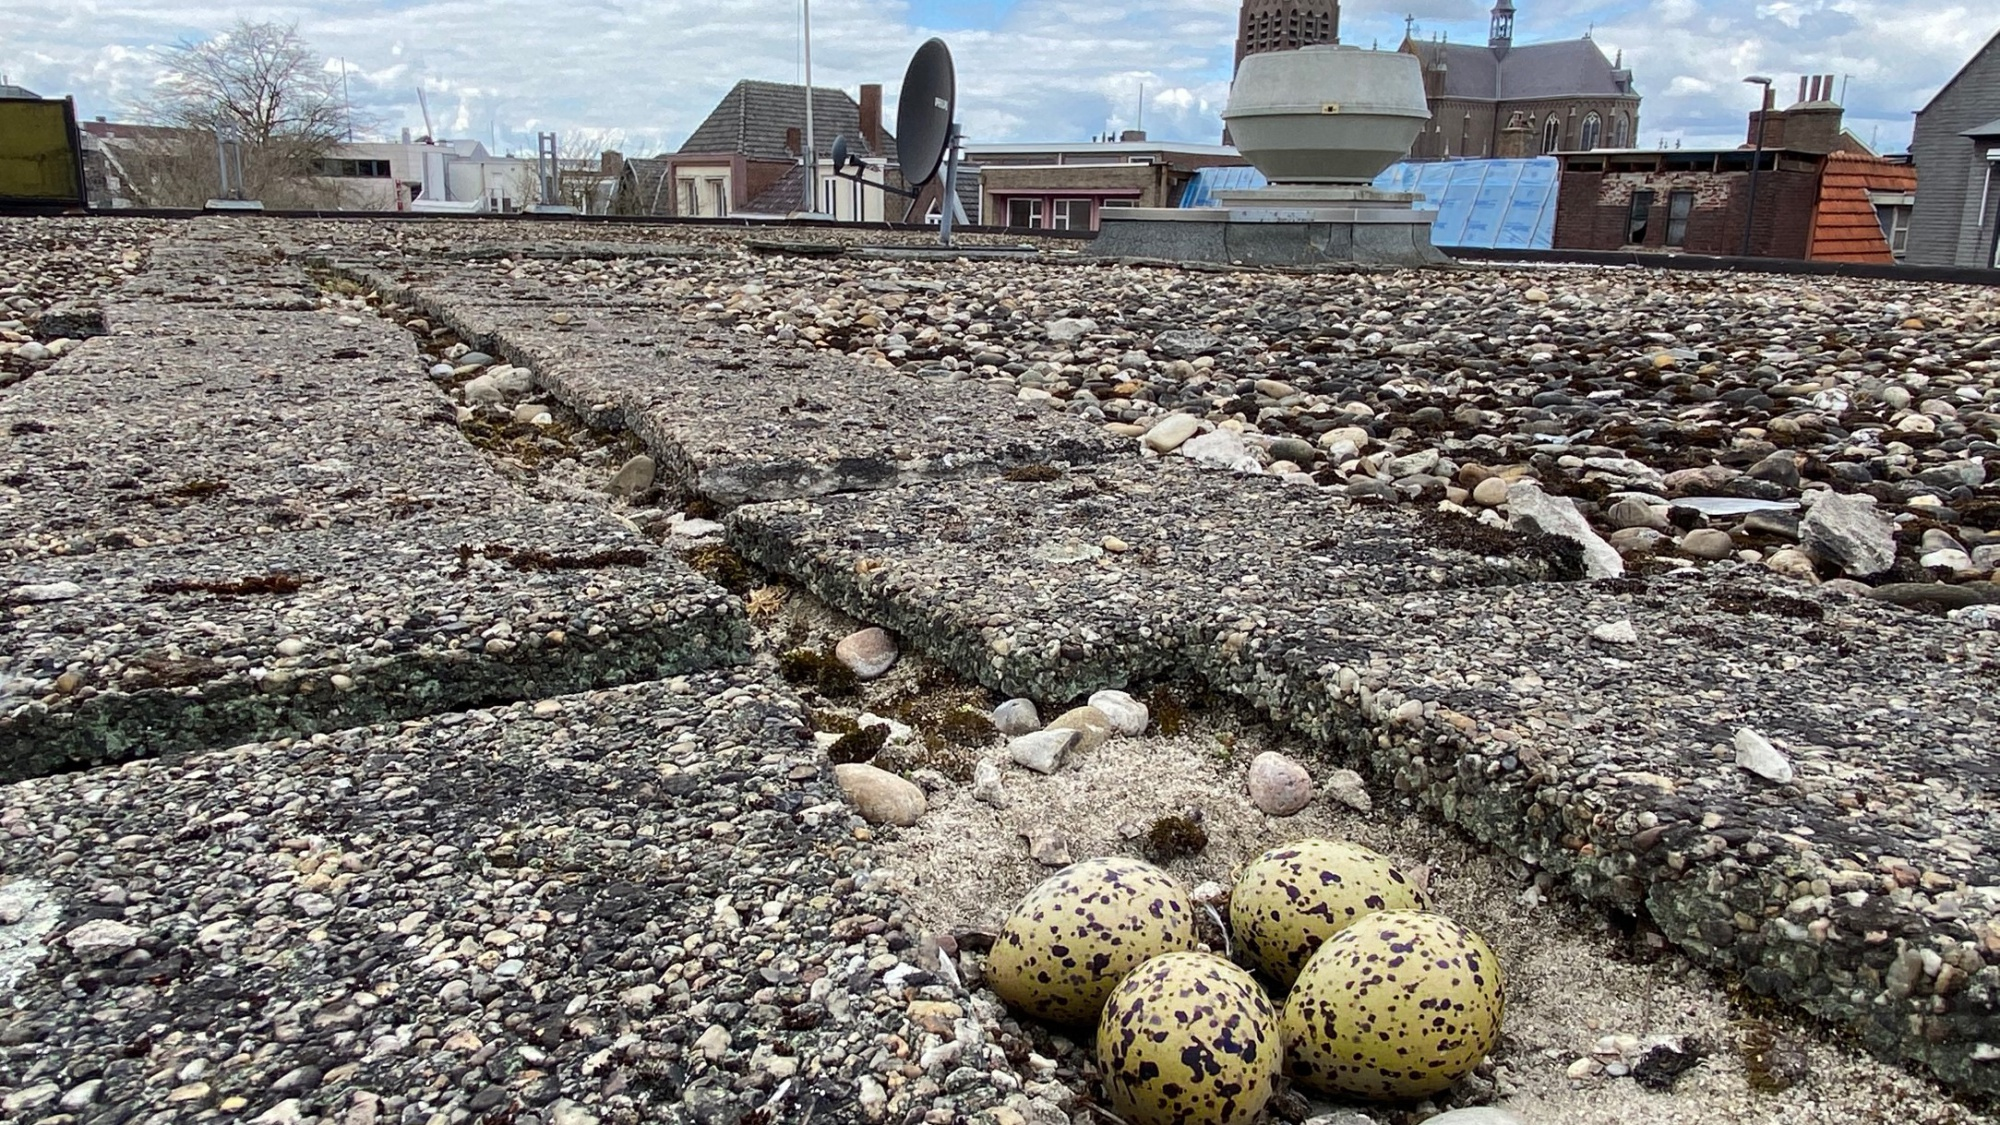 Eieren van de scholekster op het dak van het oude V&D pand